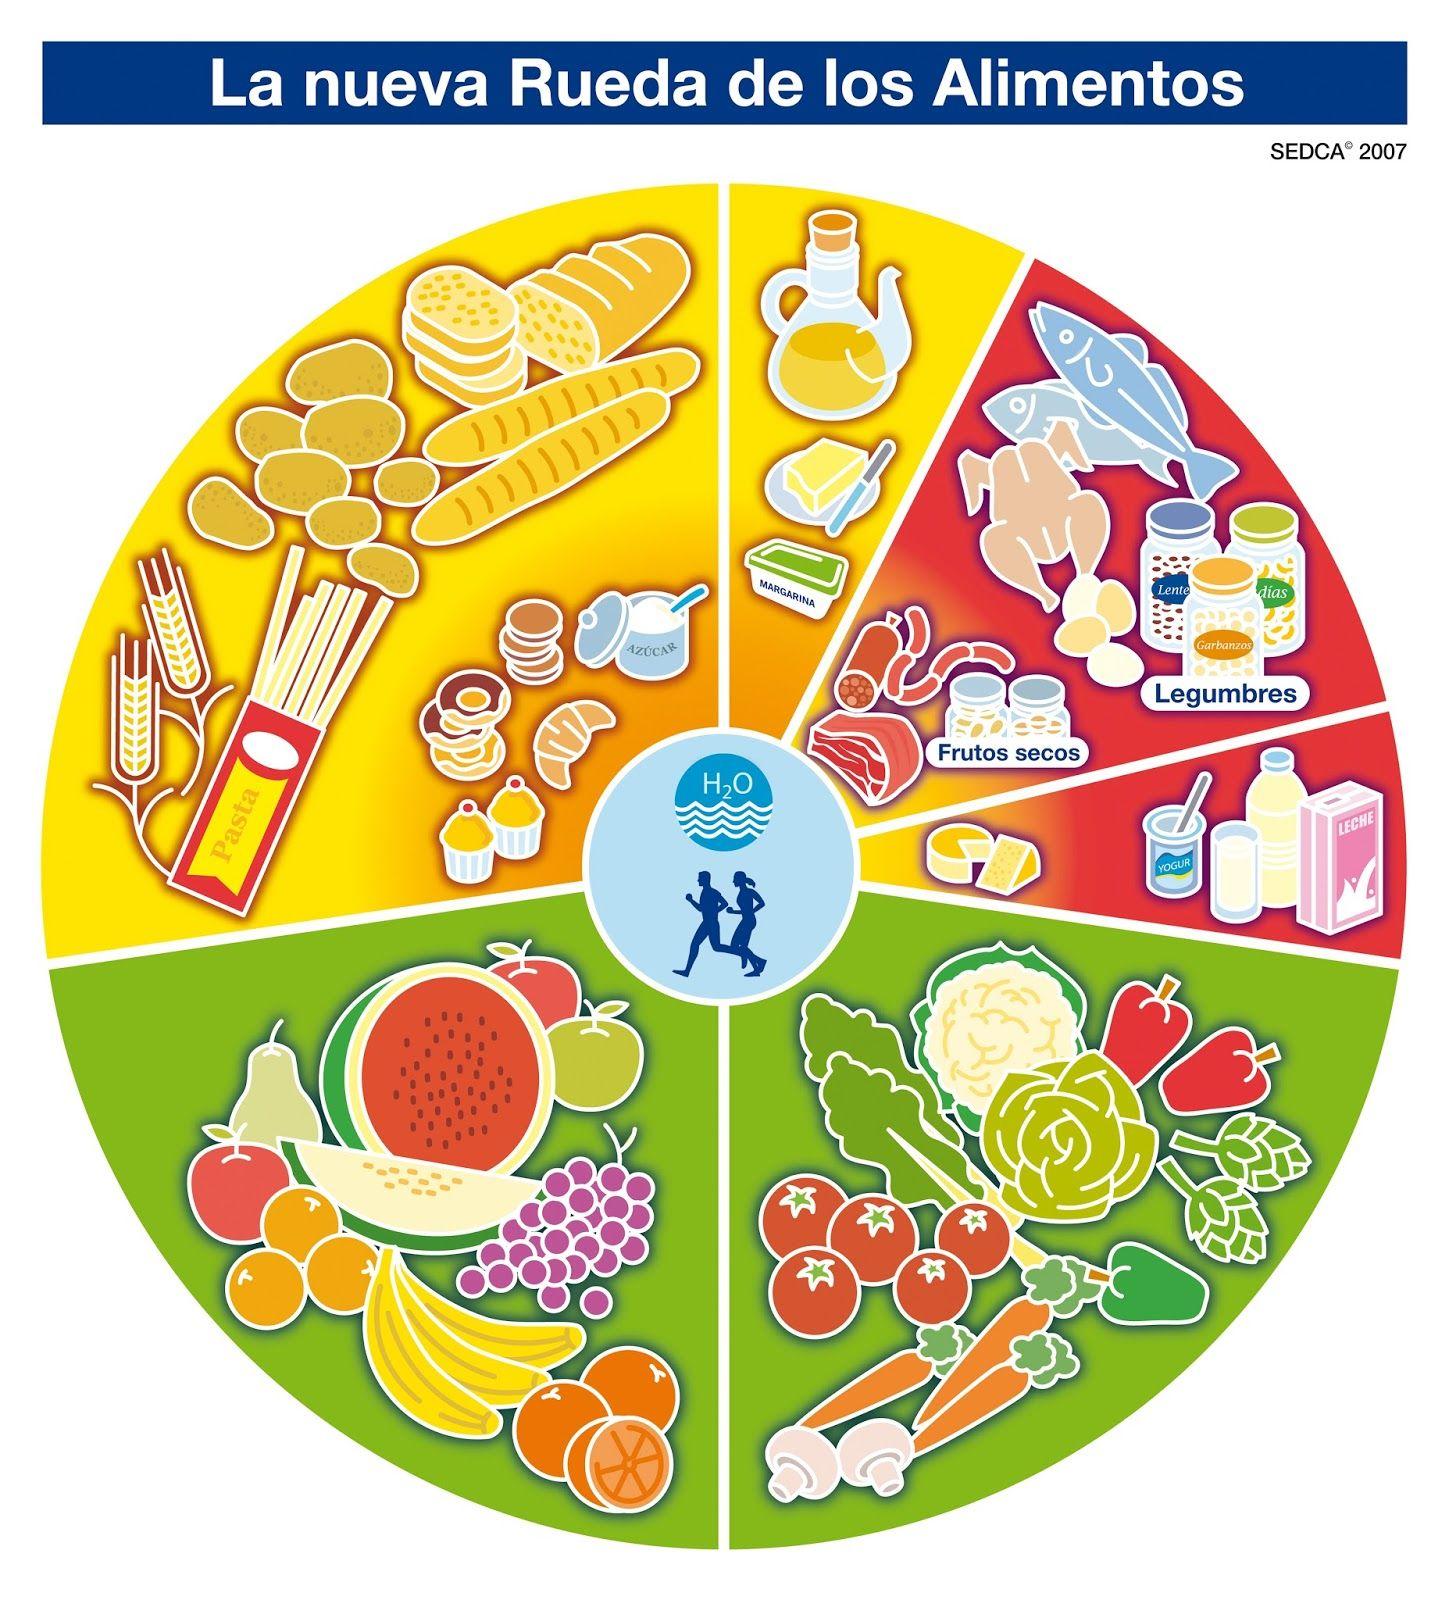 Clase de Alimentos. - Alimentos energéticos. Proveen la energía, como  pastas, arroz, pan, etc., dulces, miel, aceites, … | Food pyramid, Meals on  wheels, Kids rugs